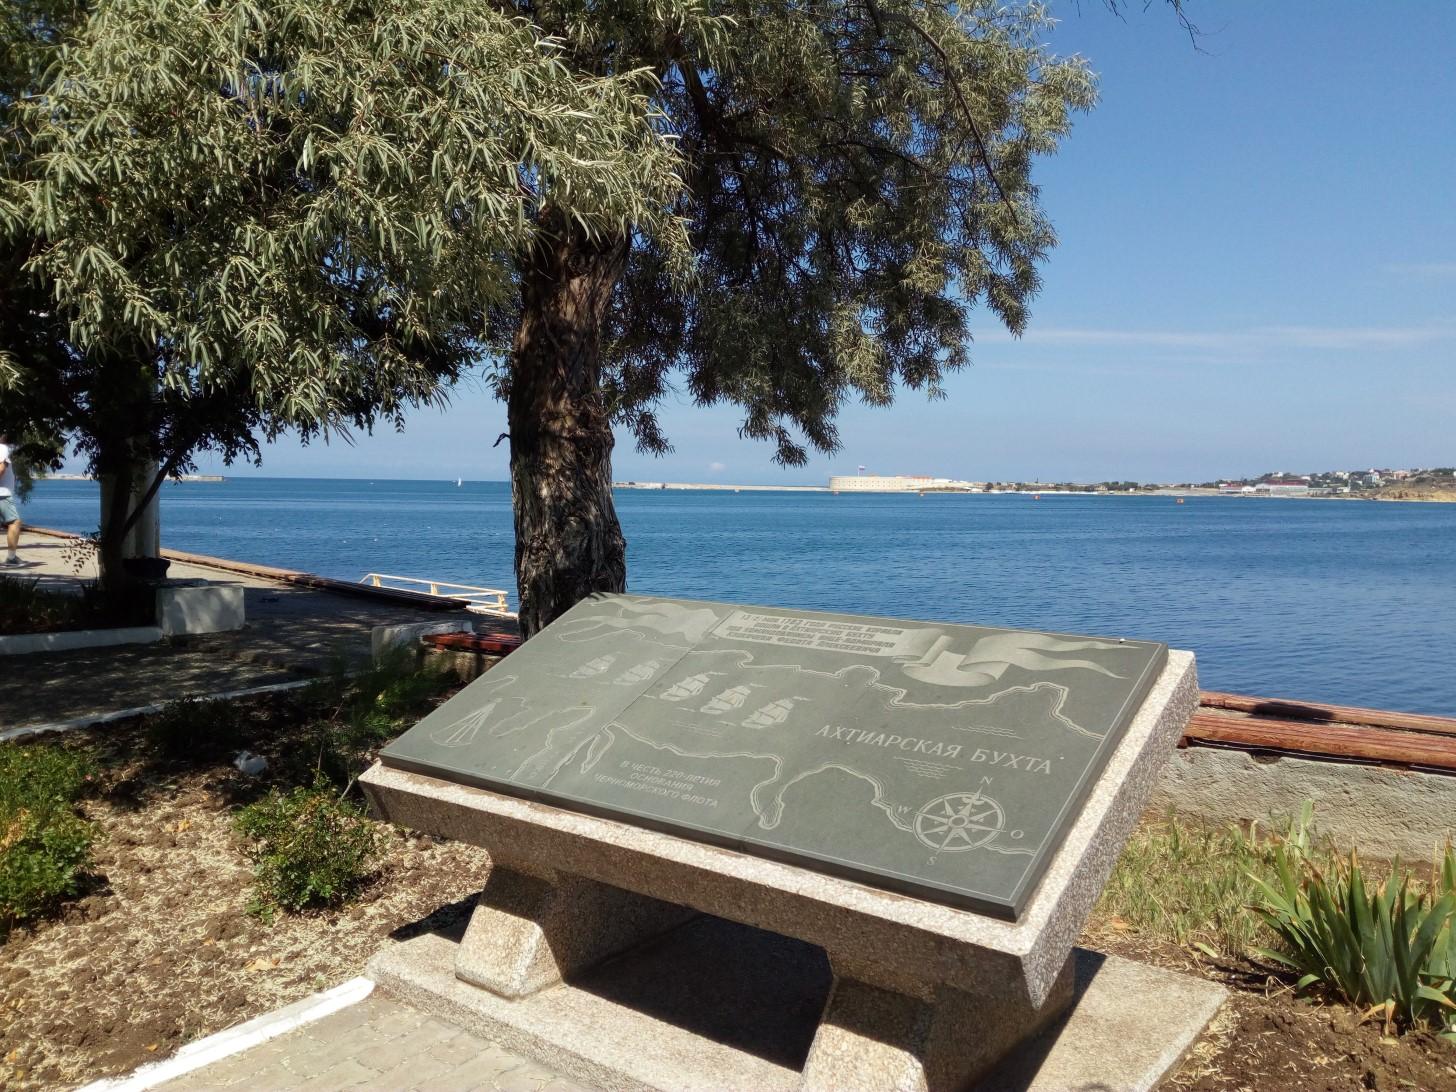 Памятная доска с изображением Севастопольской бухты